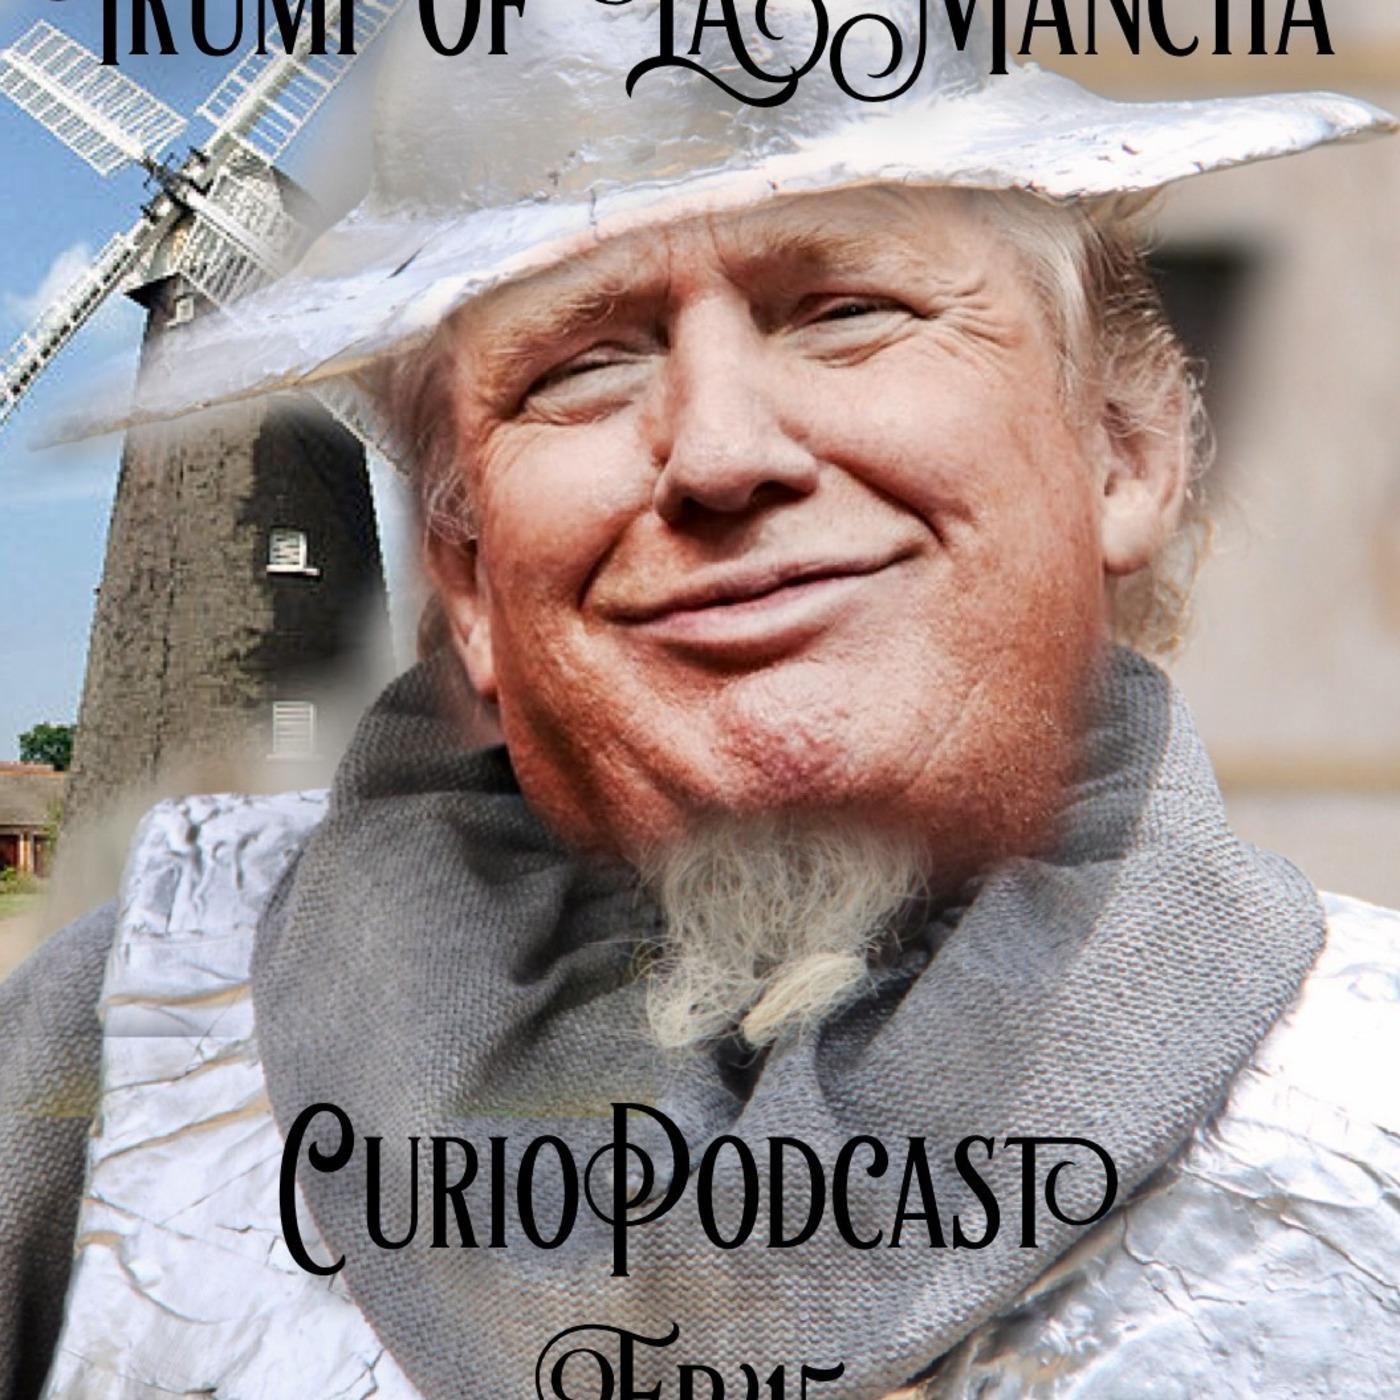 Trump of La Mancha